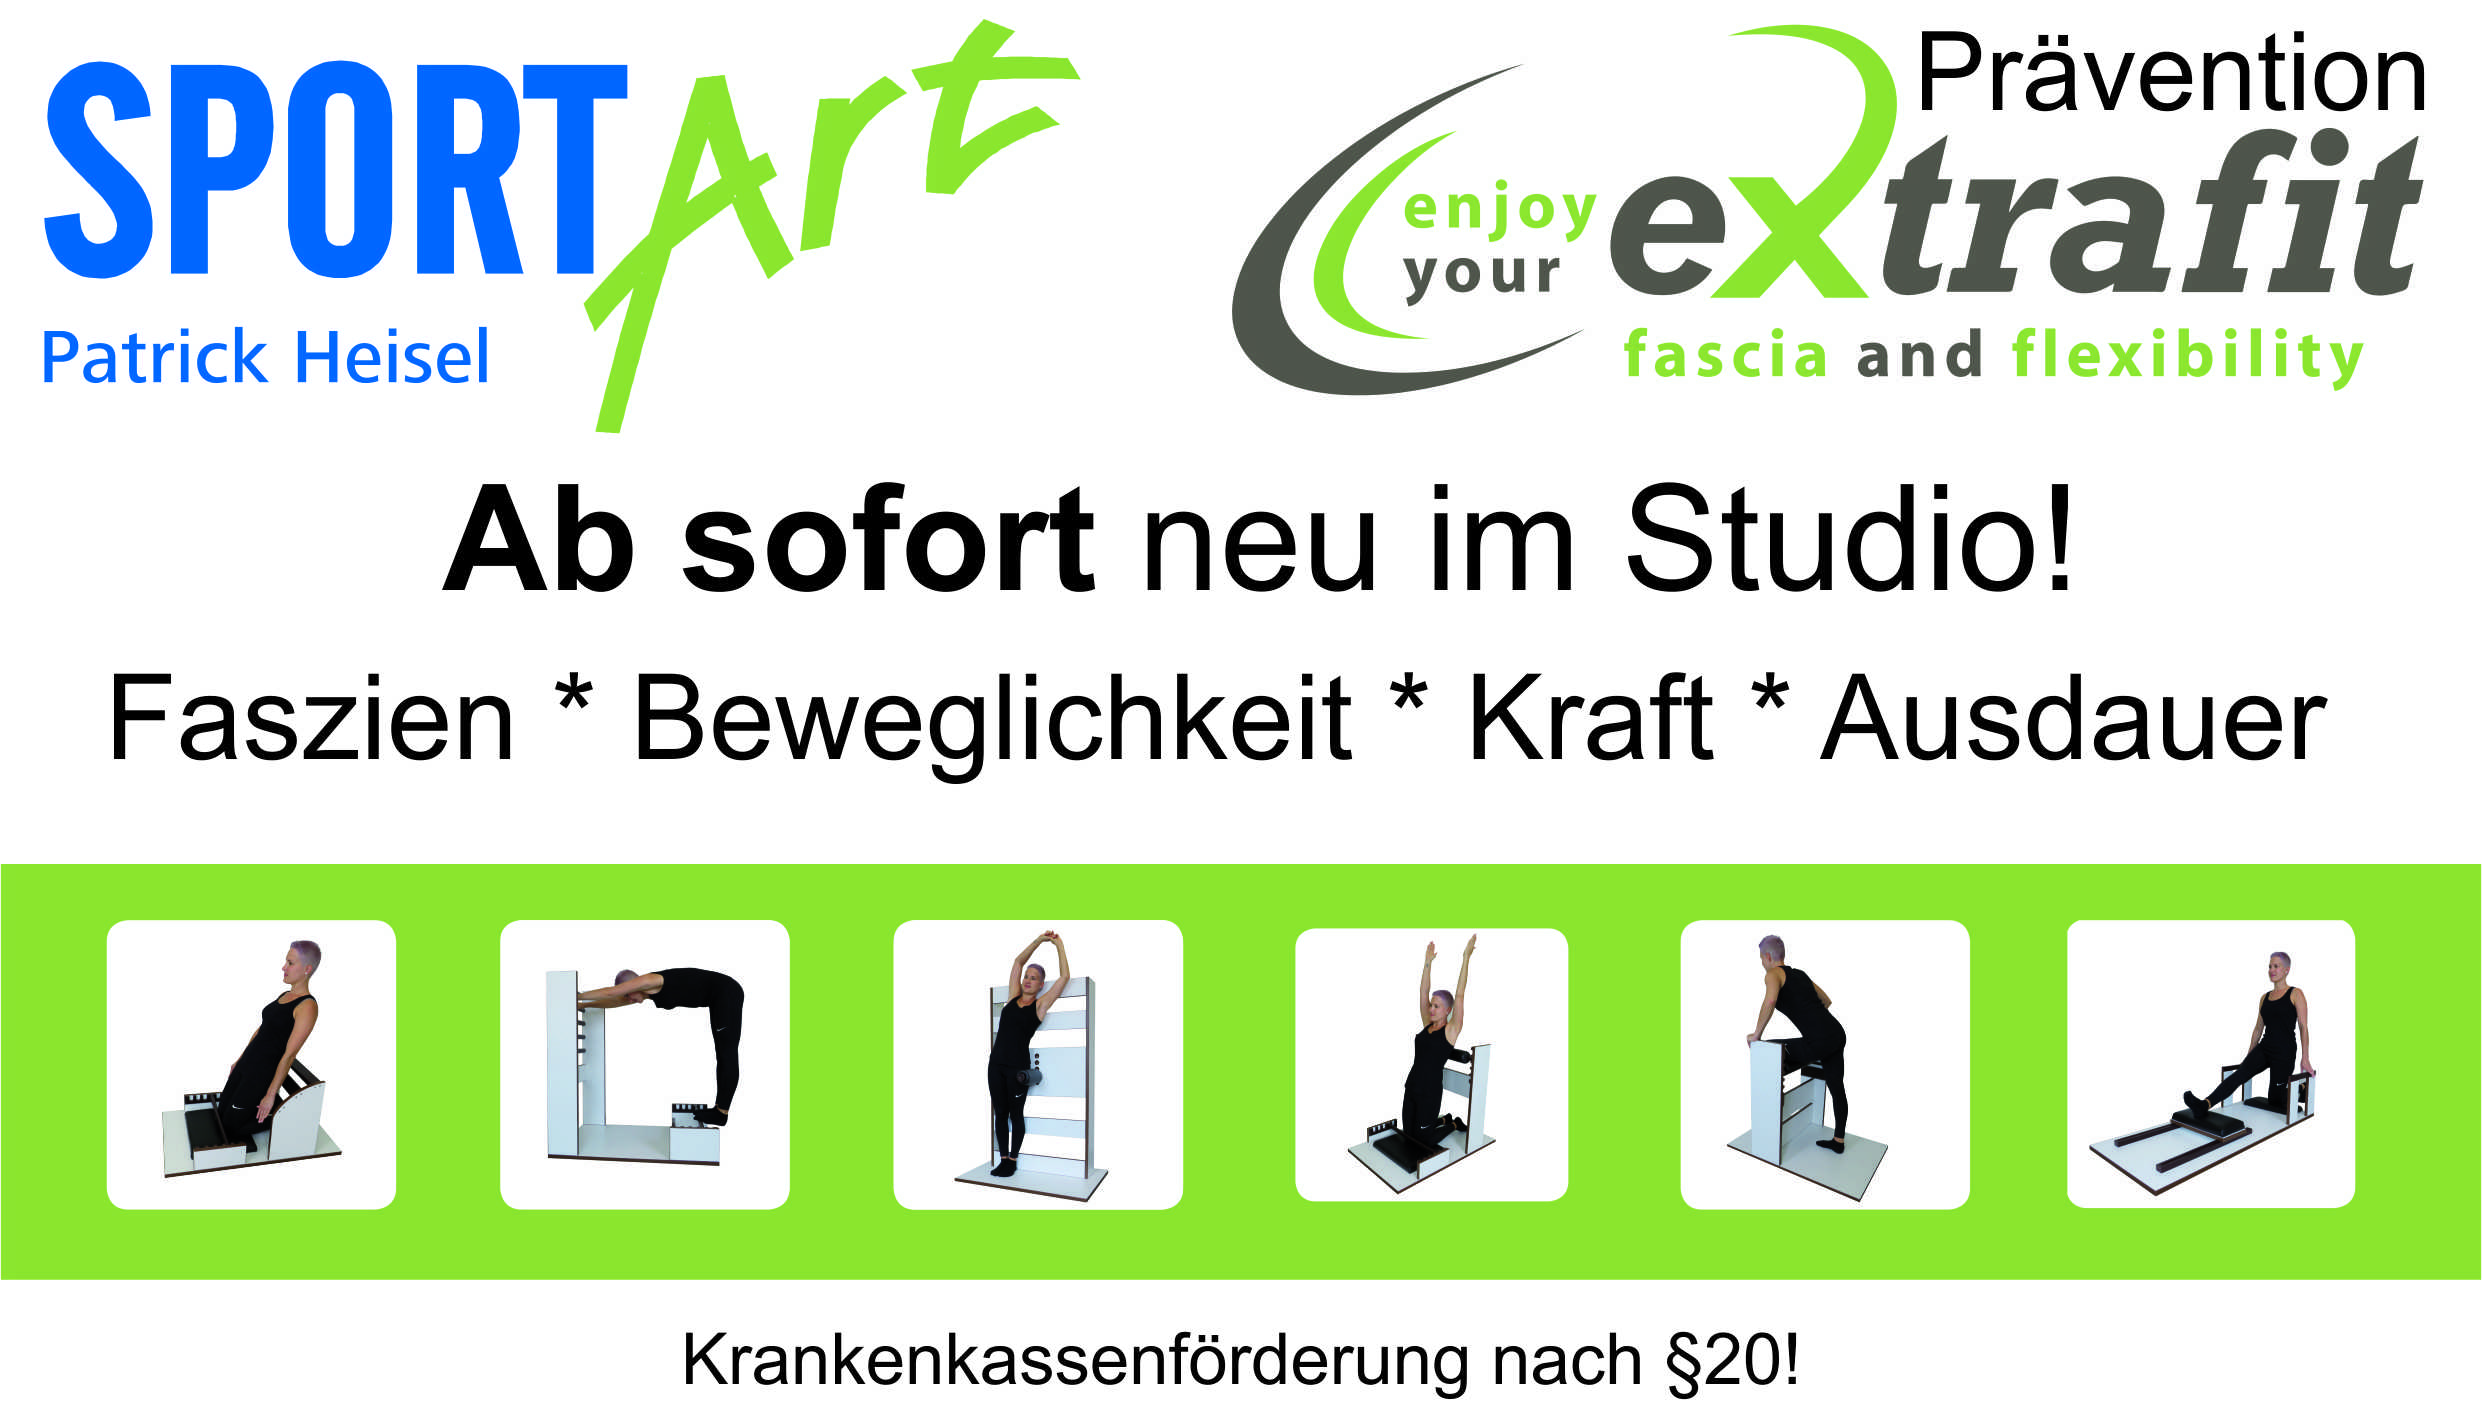 Extrafit-Zirkel